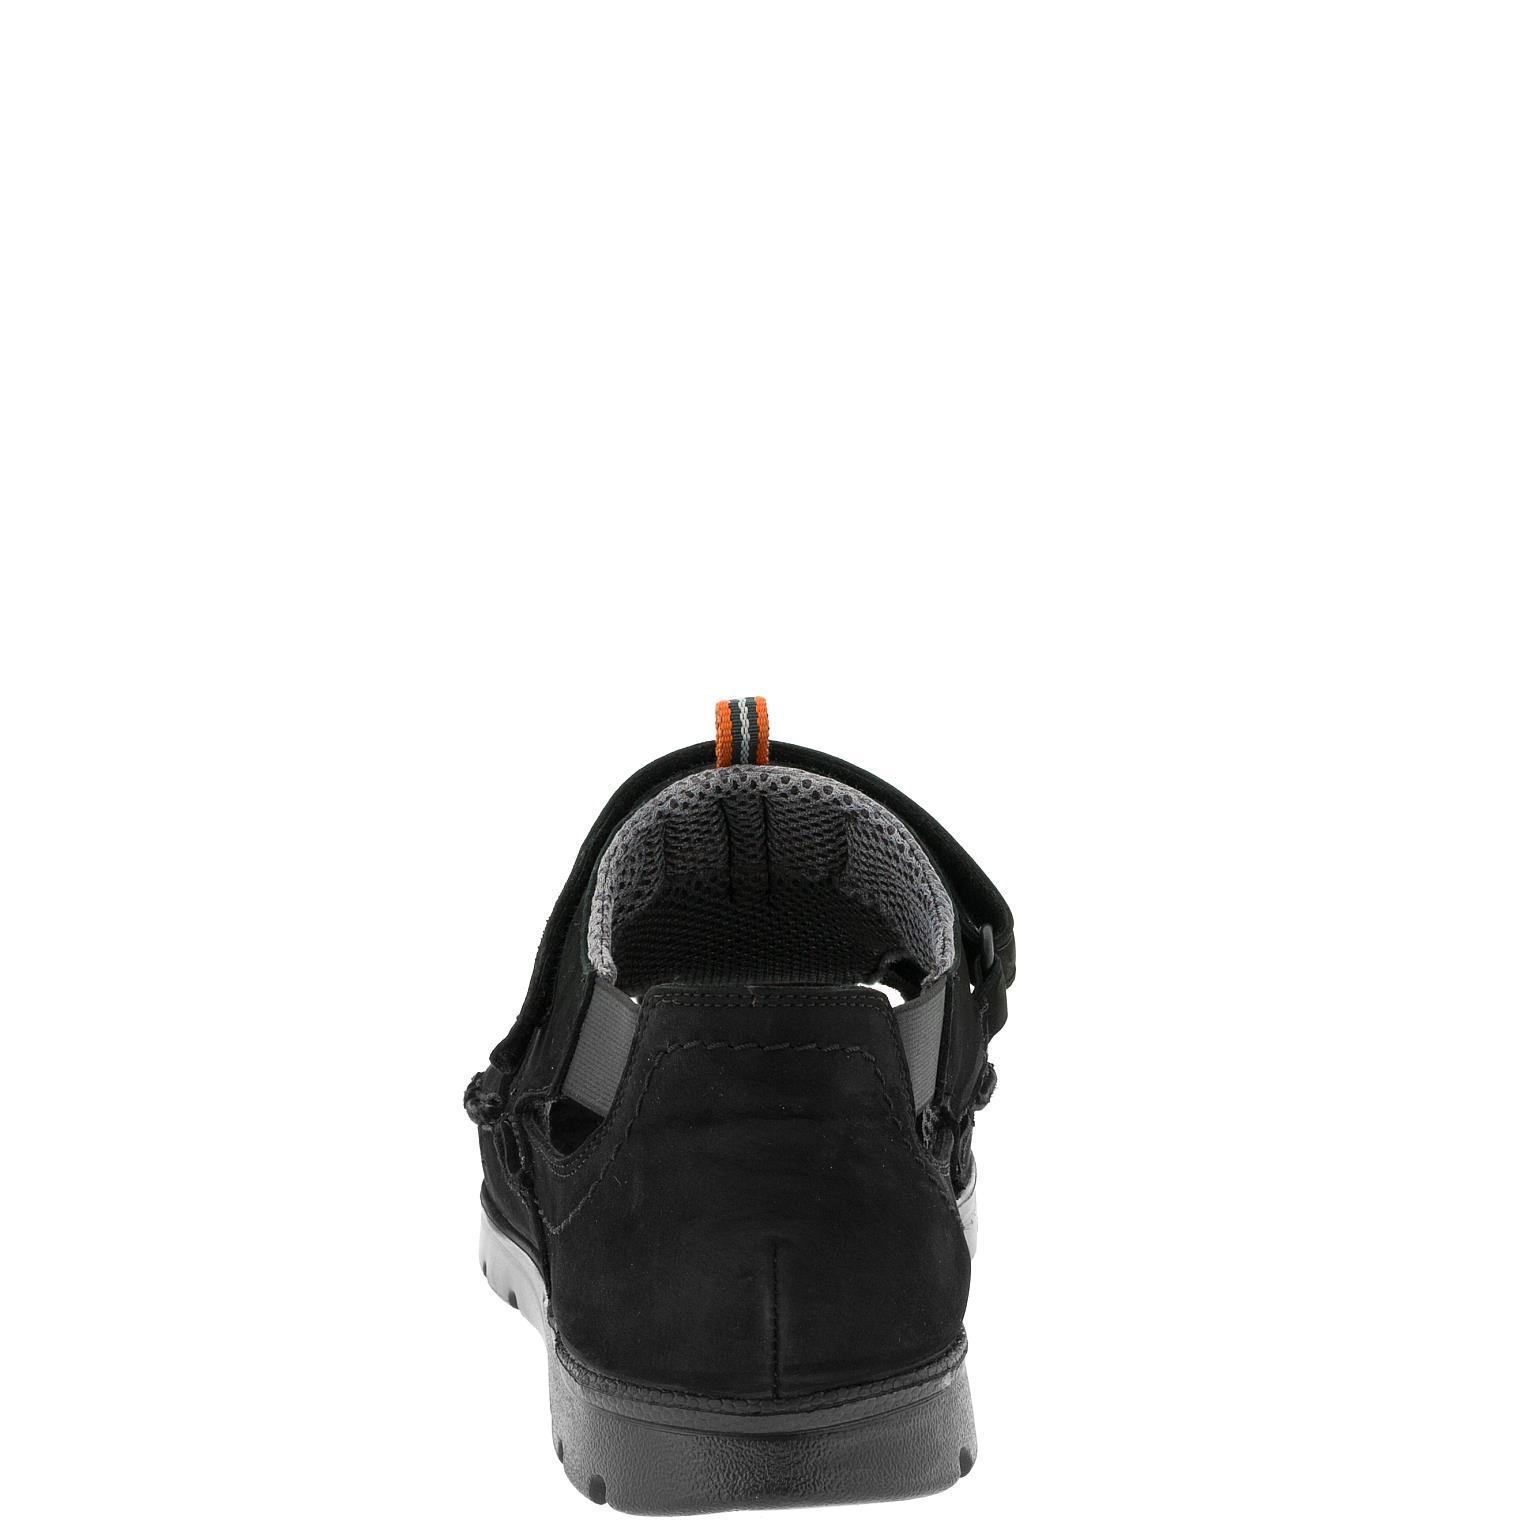 586285 Сандалии мужские черные больших размеров марки Делфино